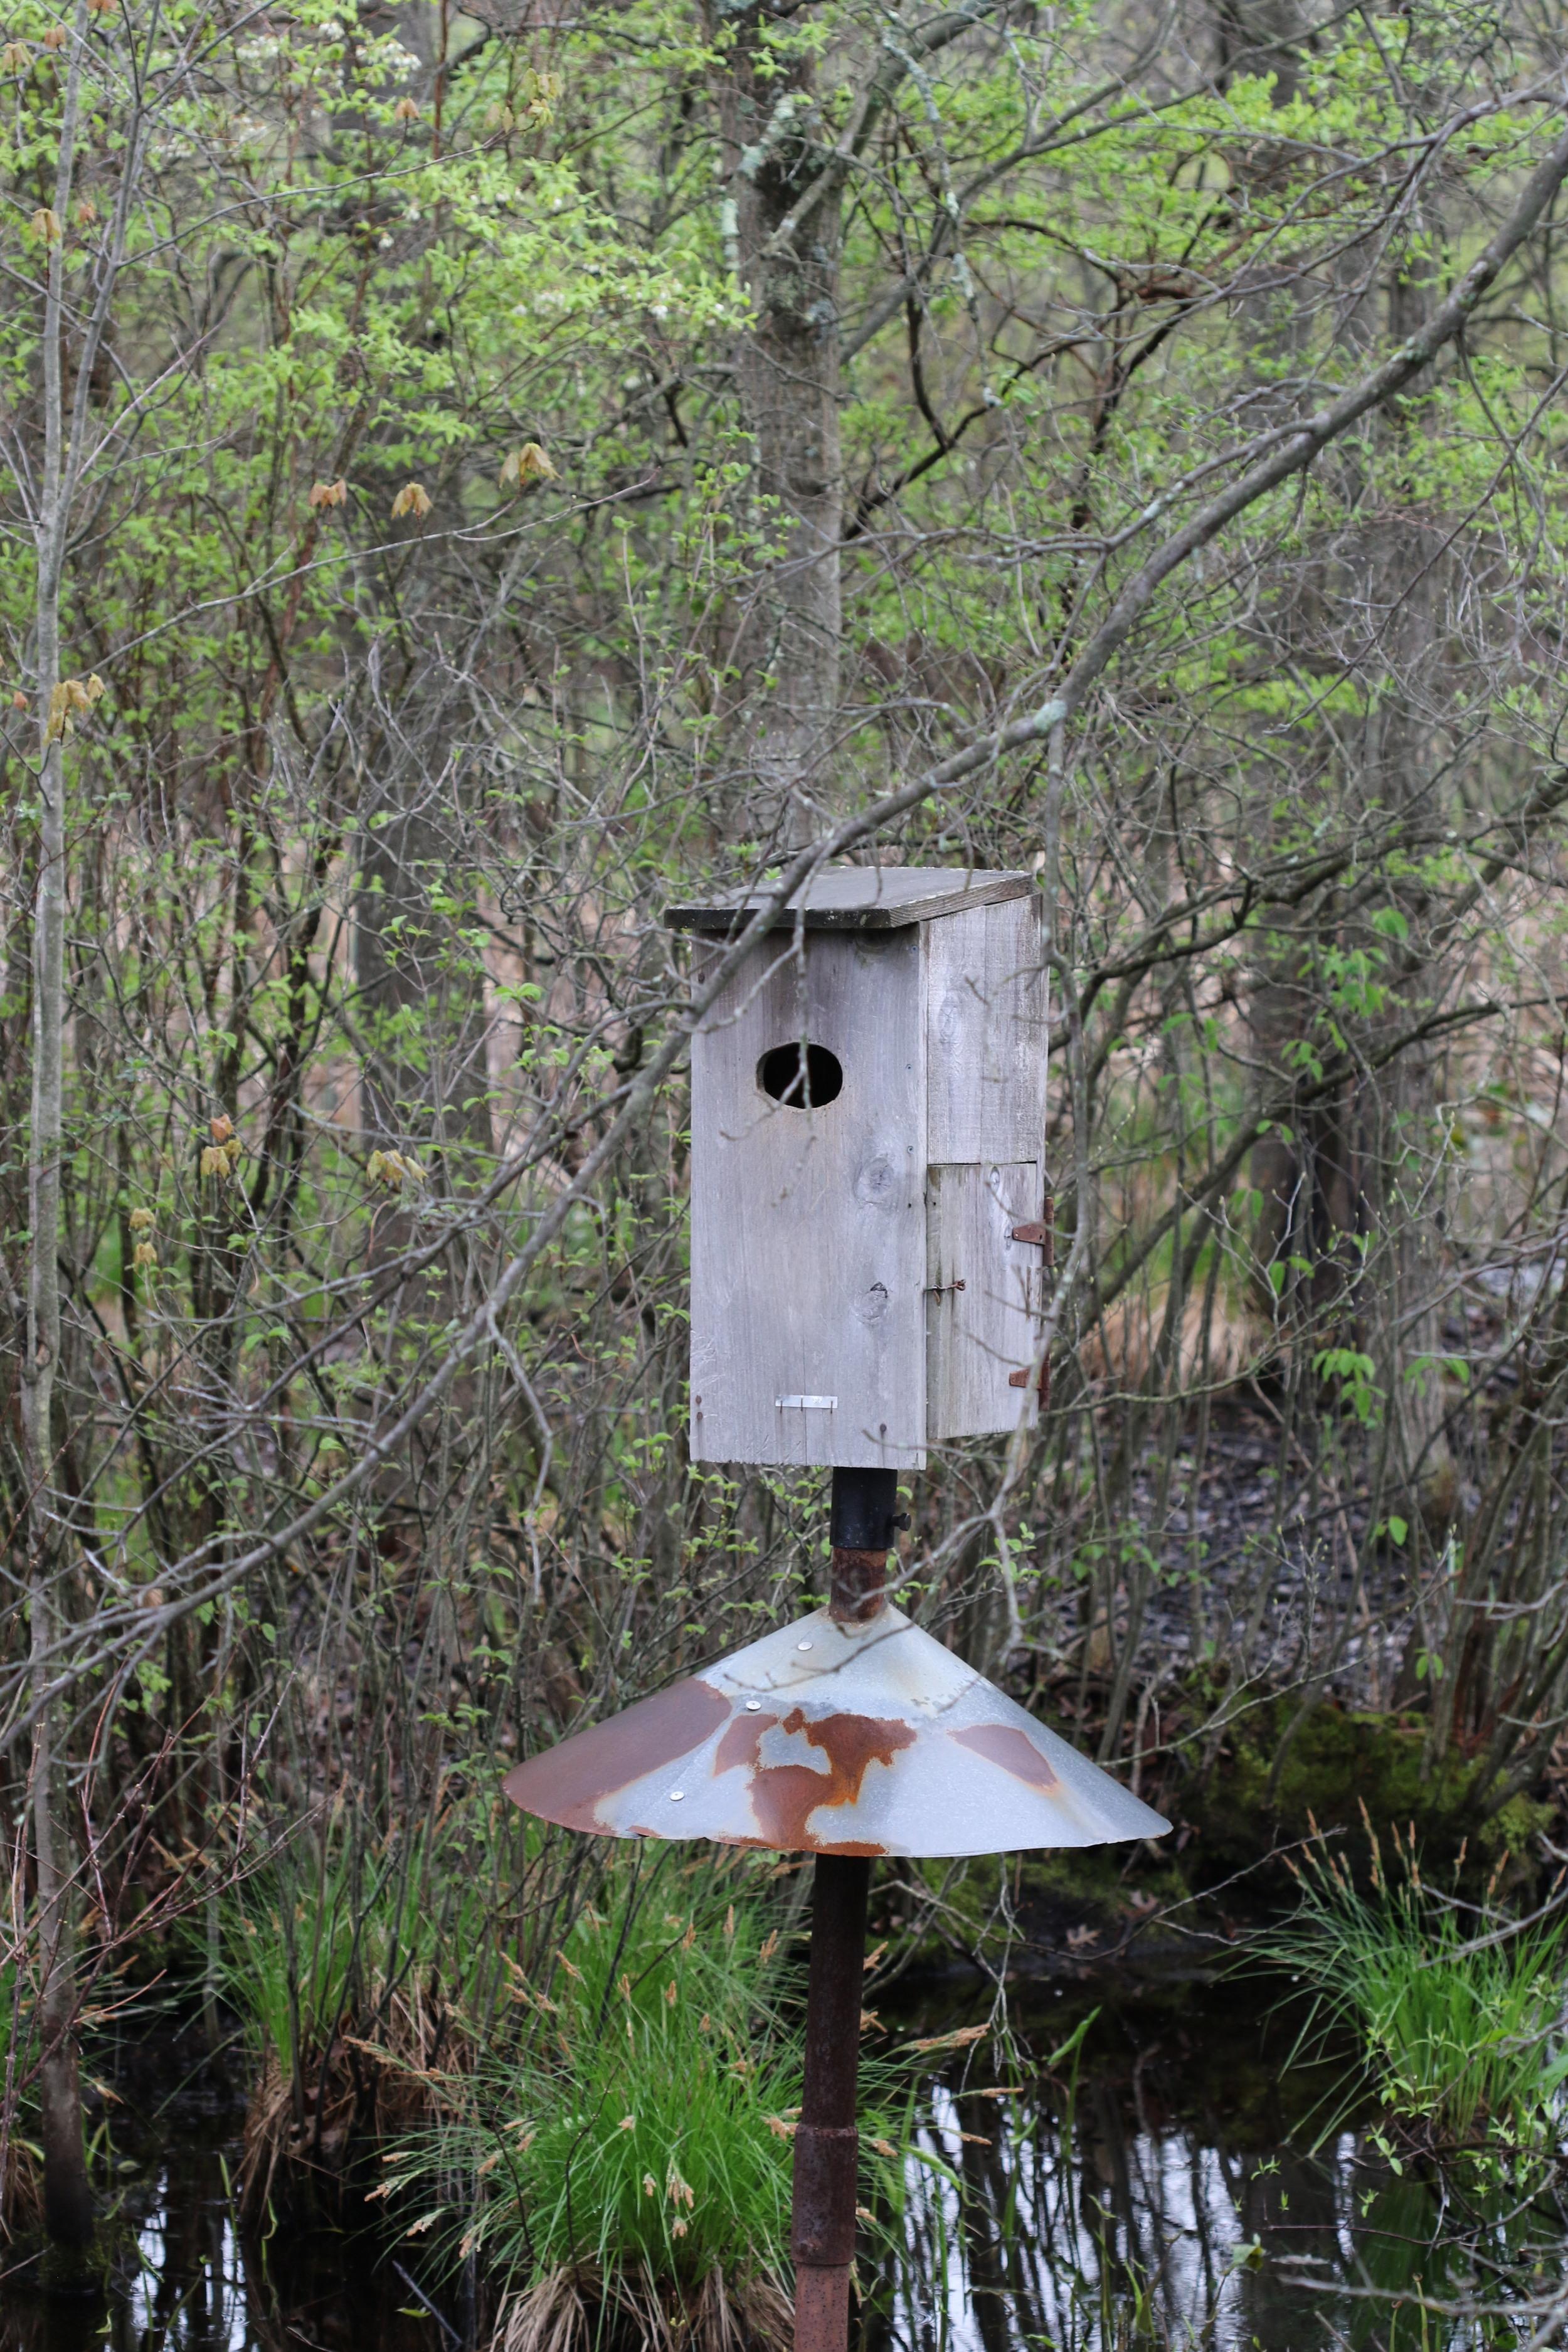 Nest Box for Wood Ducks